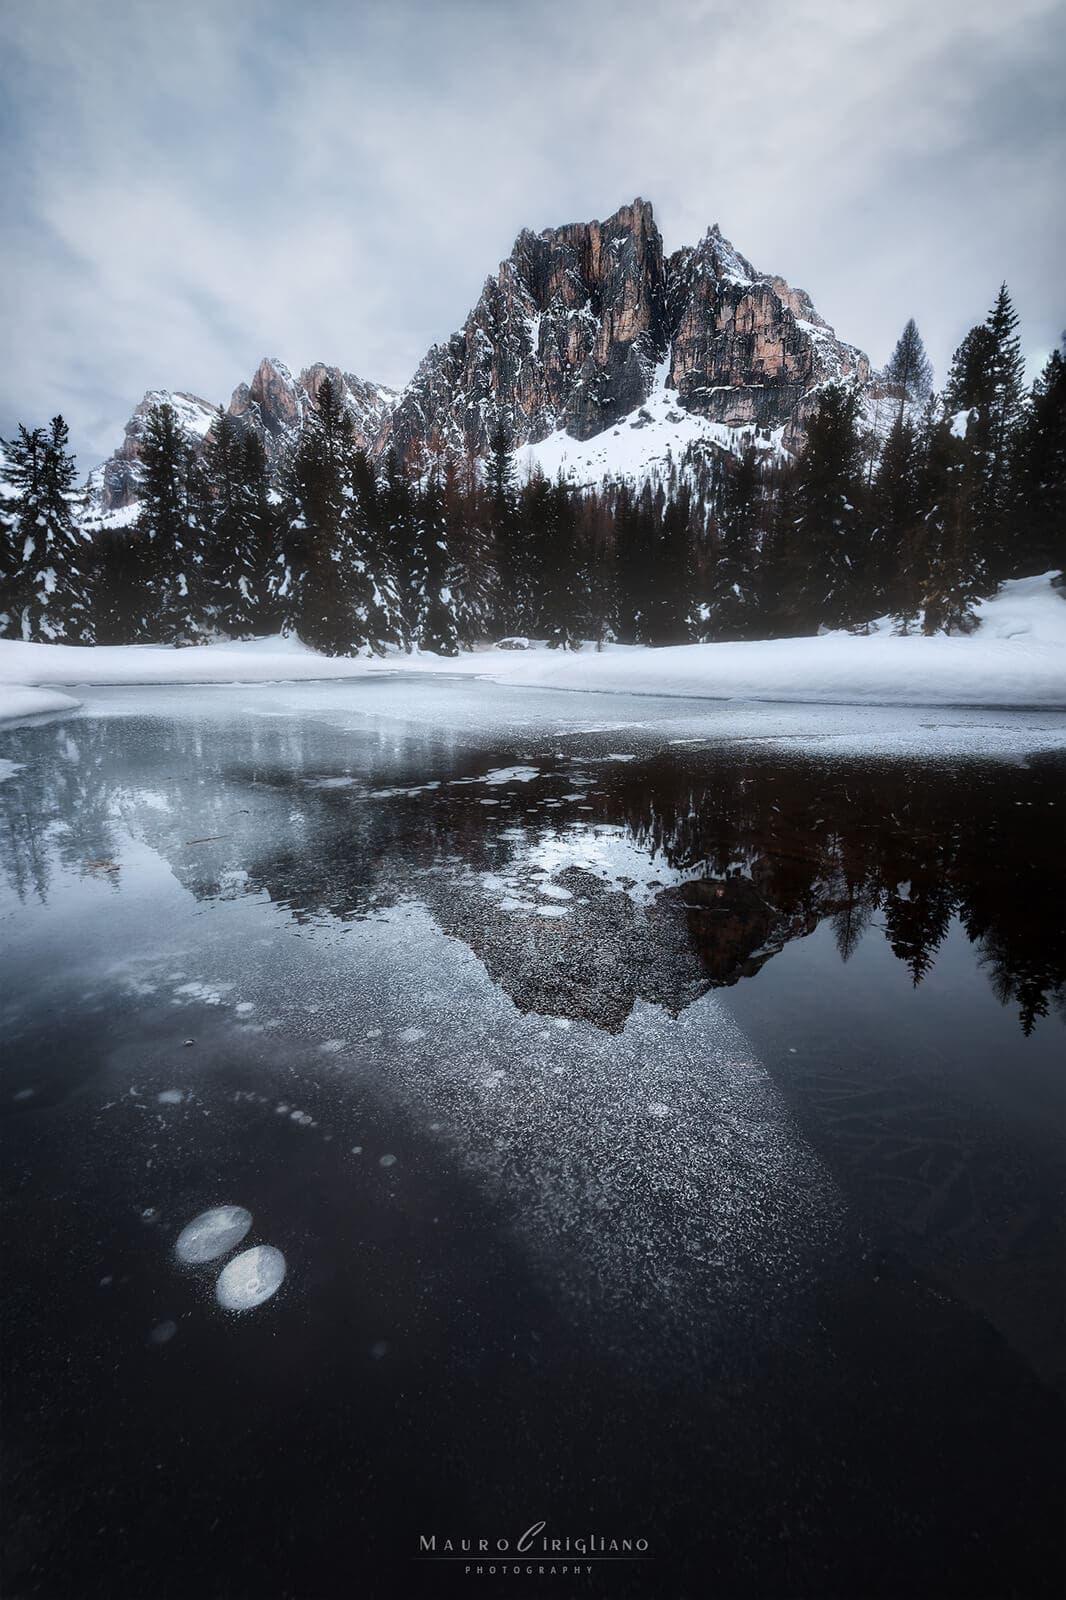 monte tofana riflesso in acque ghiacciate in un giorno nuvoloso